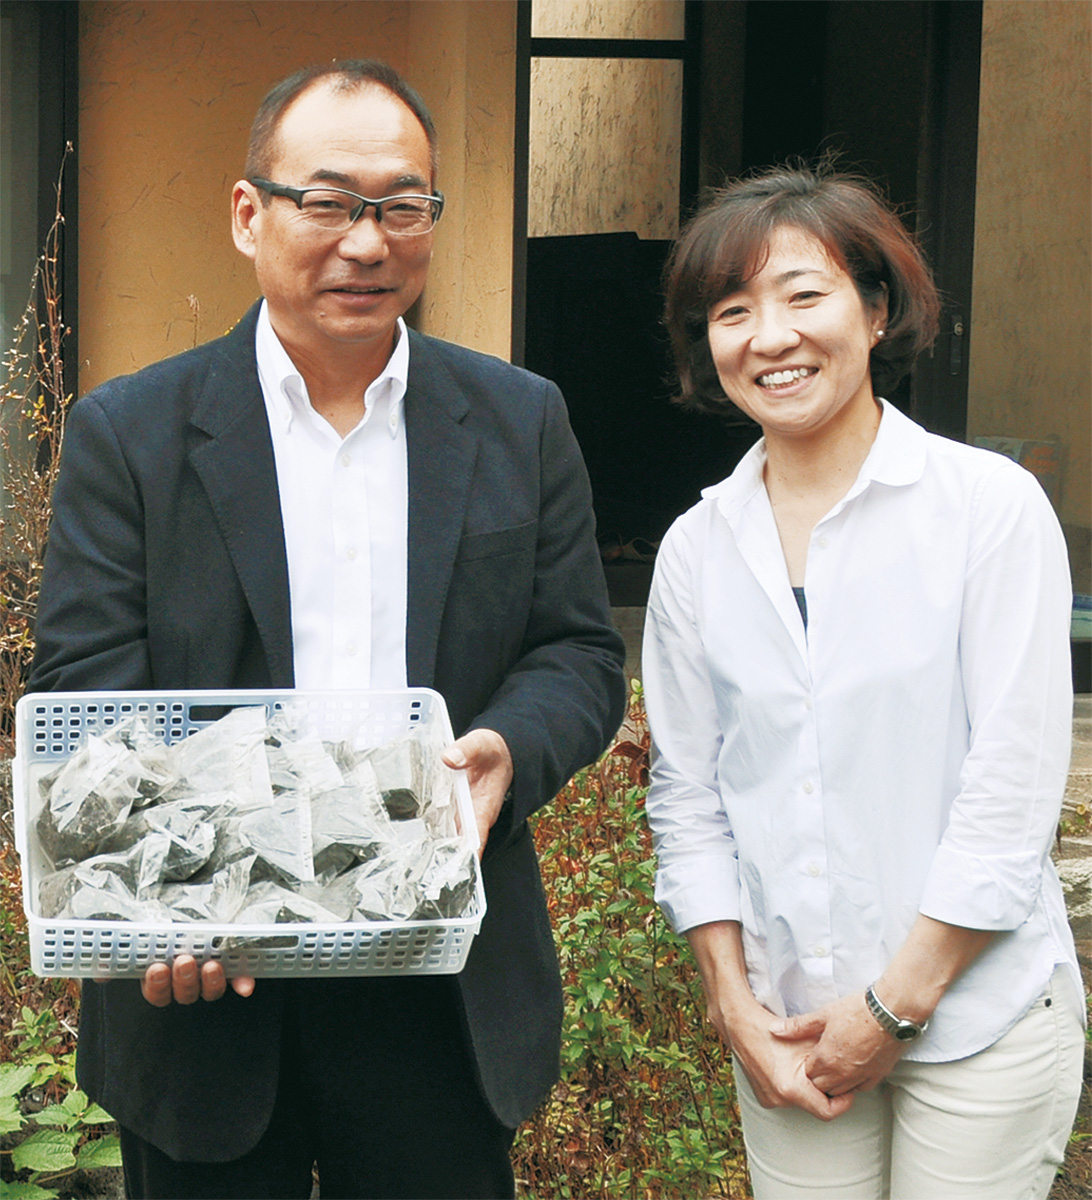 鎌倉の海藻でブランド豚育成目指す